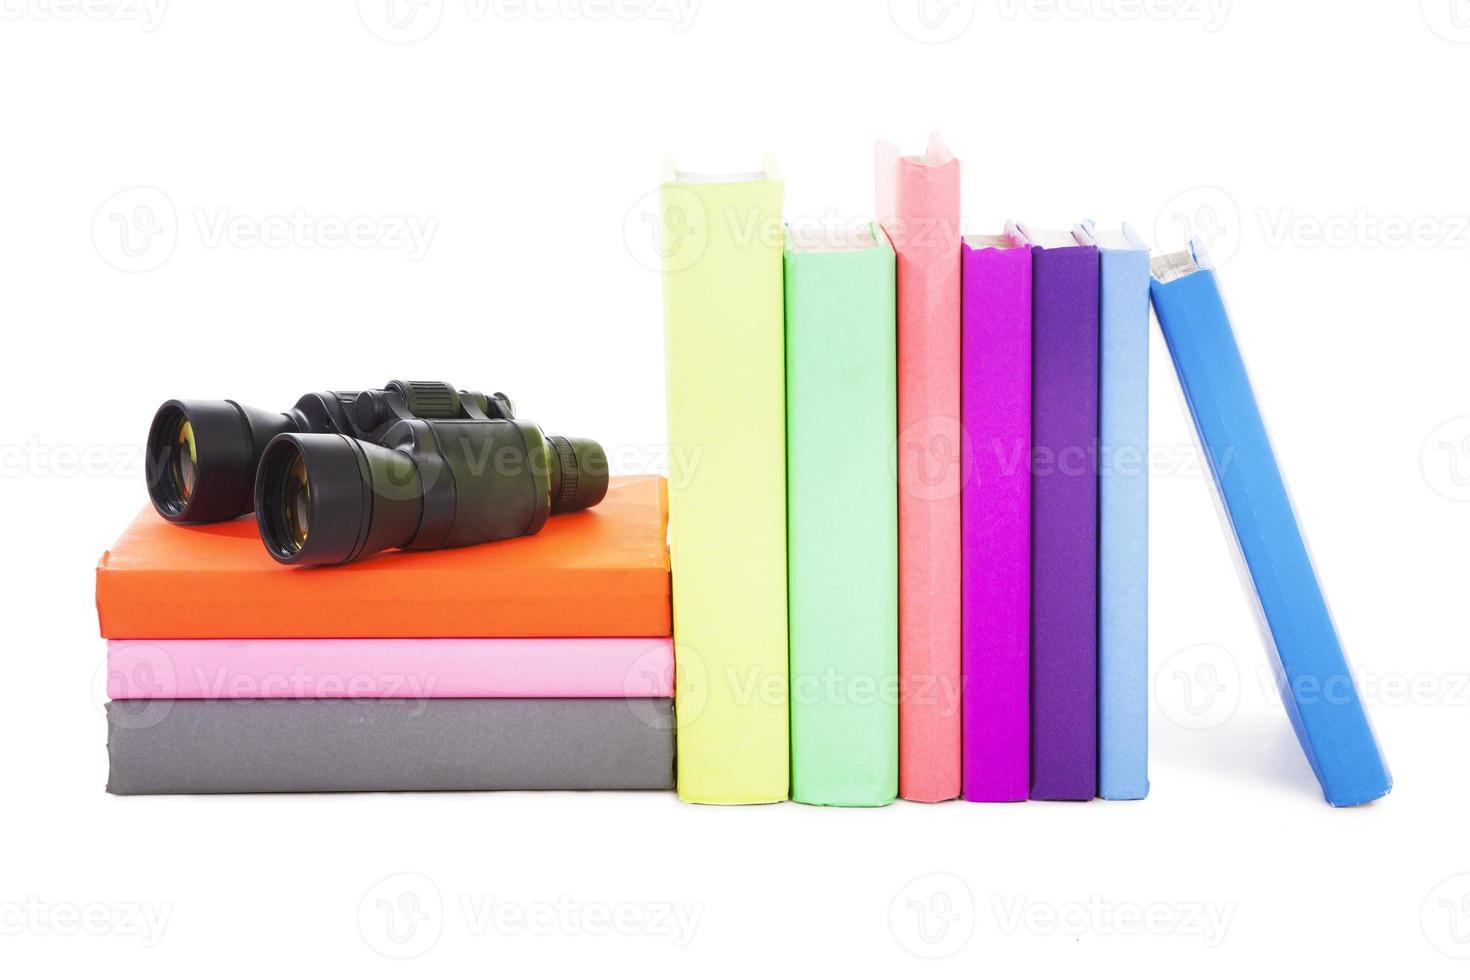 böcker och kikare foto